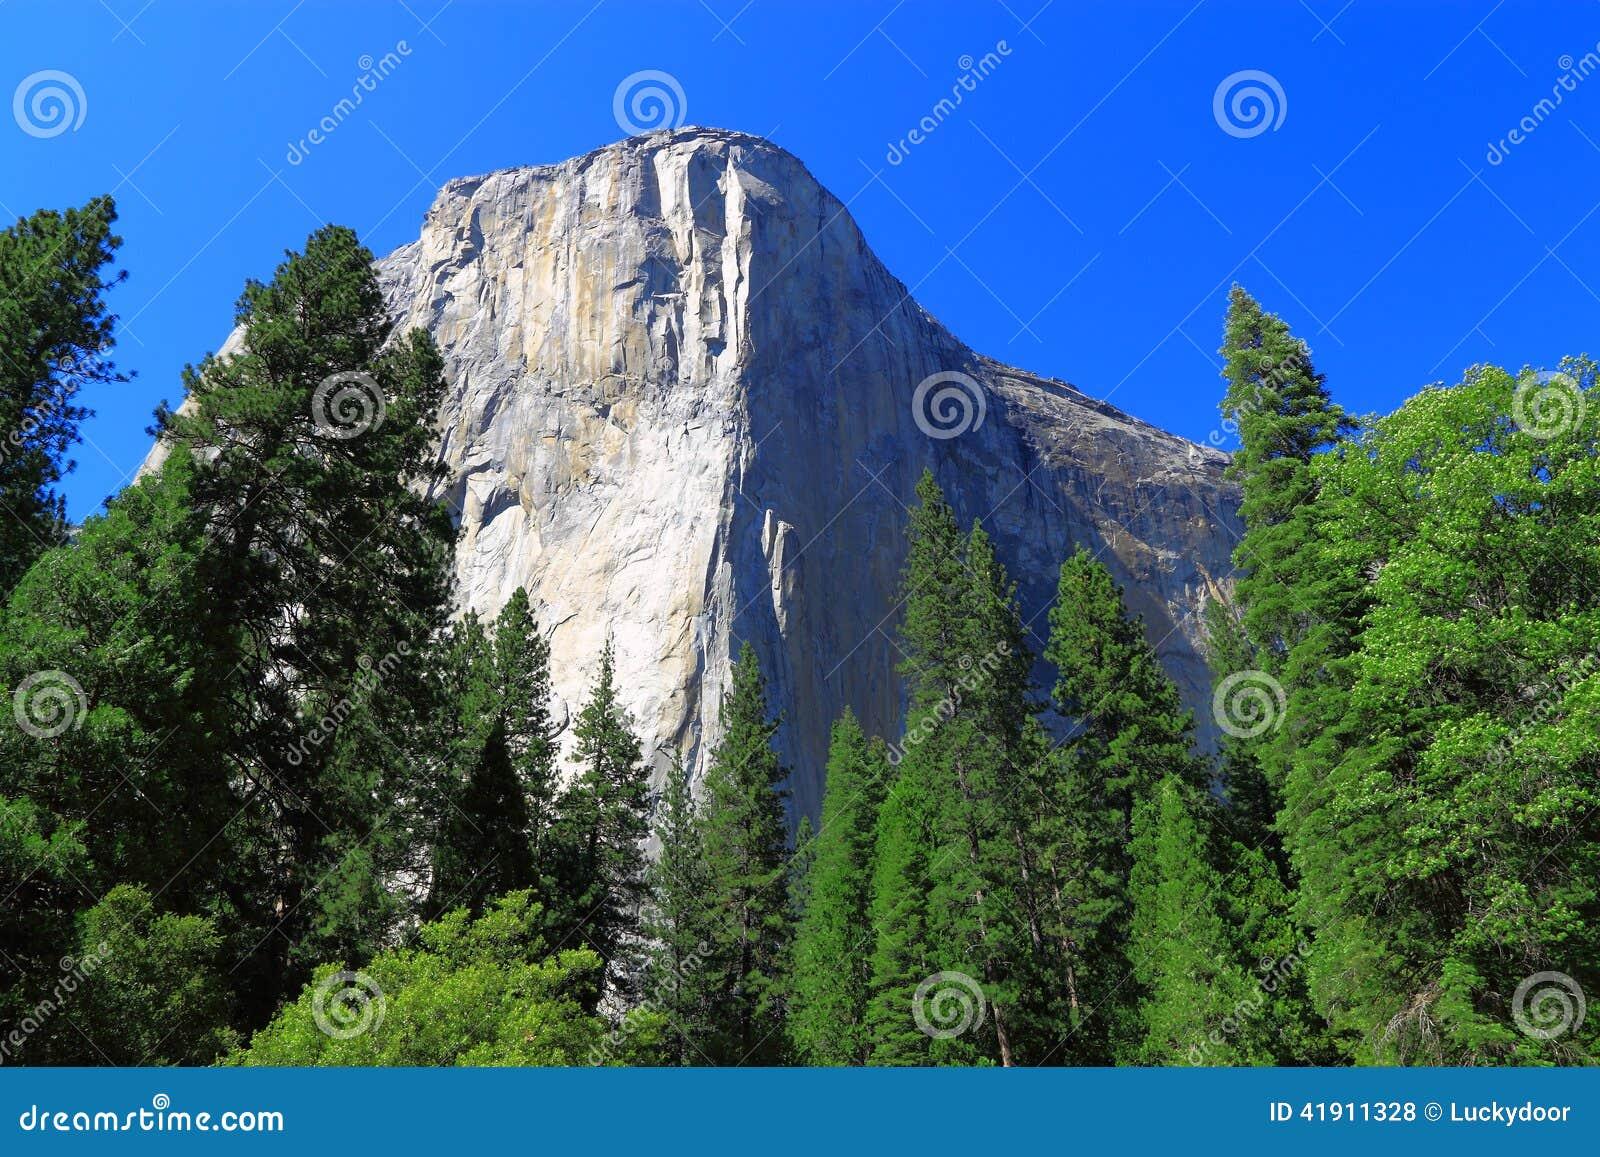 Parque nacional del EL Capitan Yosemite